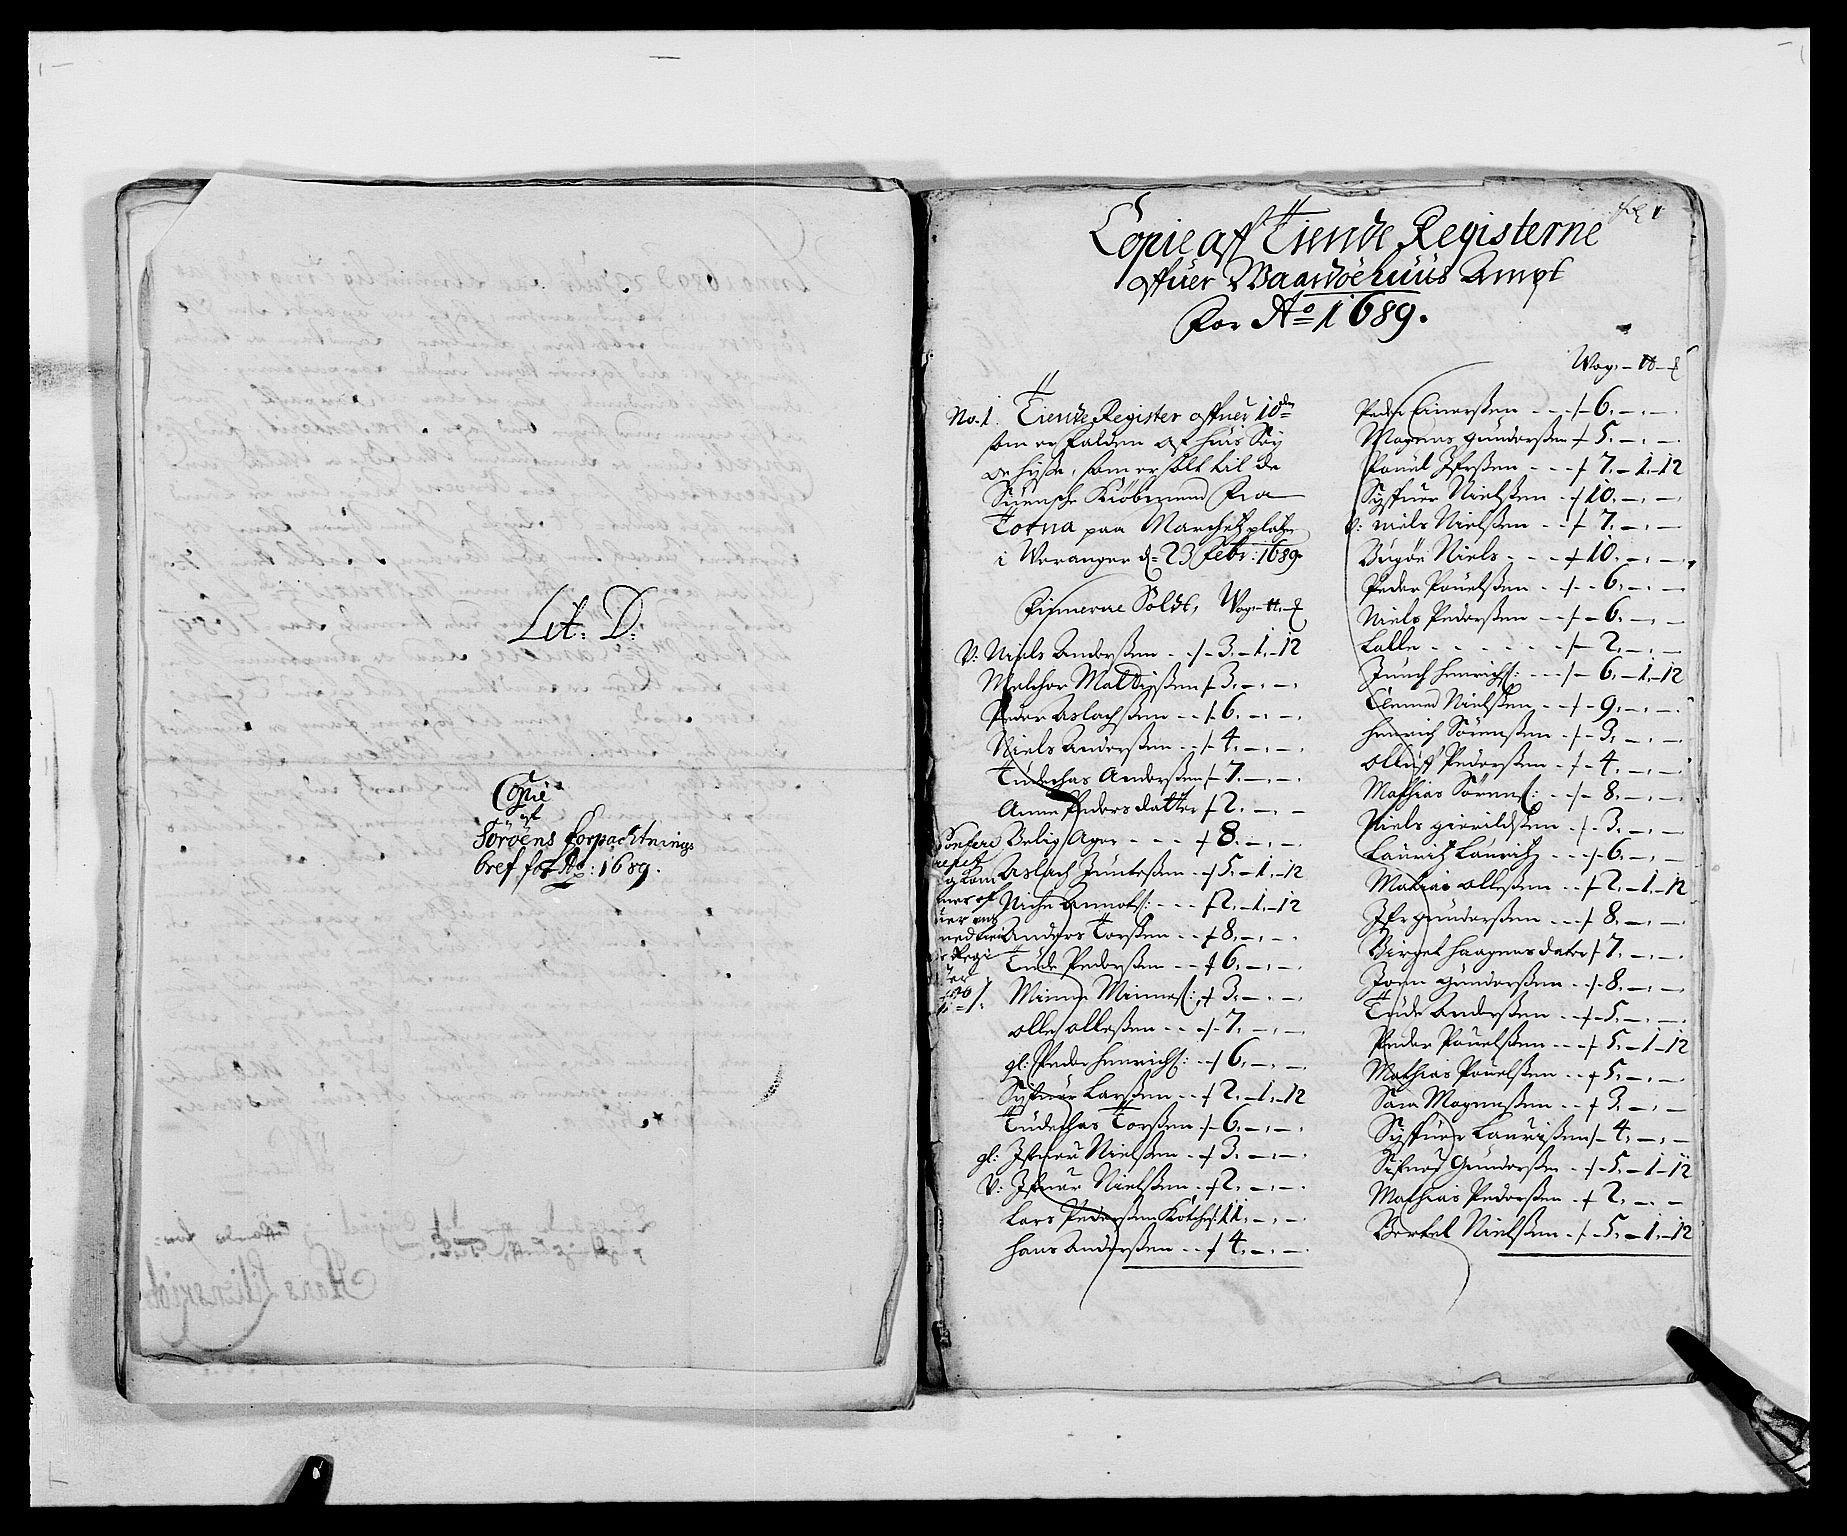 RA, Rentekammeret inntil 1814, Reviderte regnskaper, Fogderegnskap, R69/L4850: Fogderegnskap Finnmark/Vardøhus, 1680-1690, s. 147